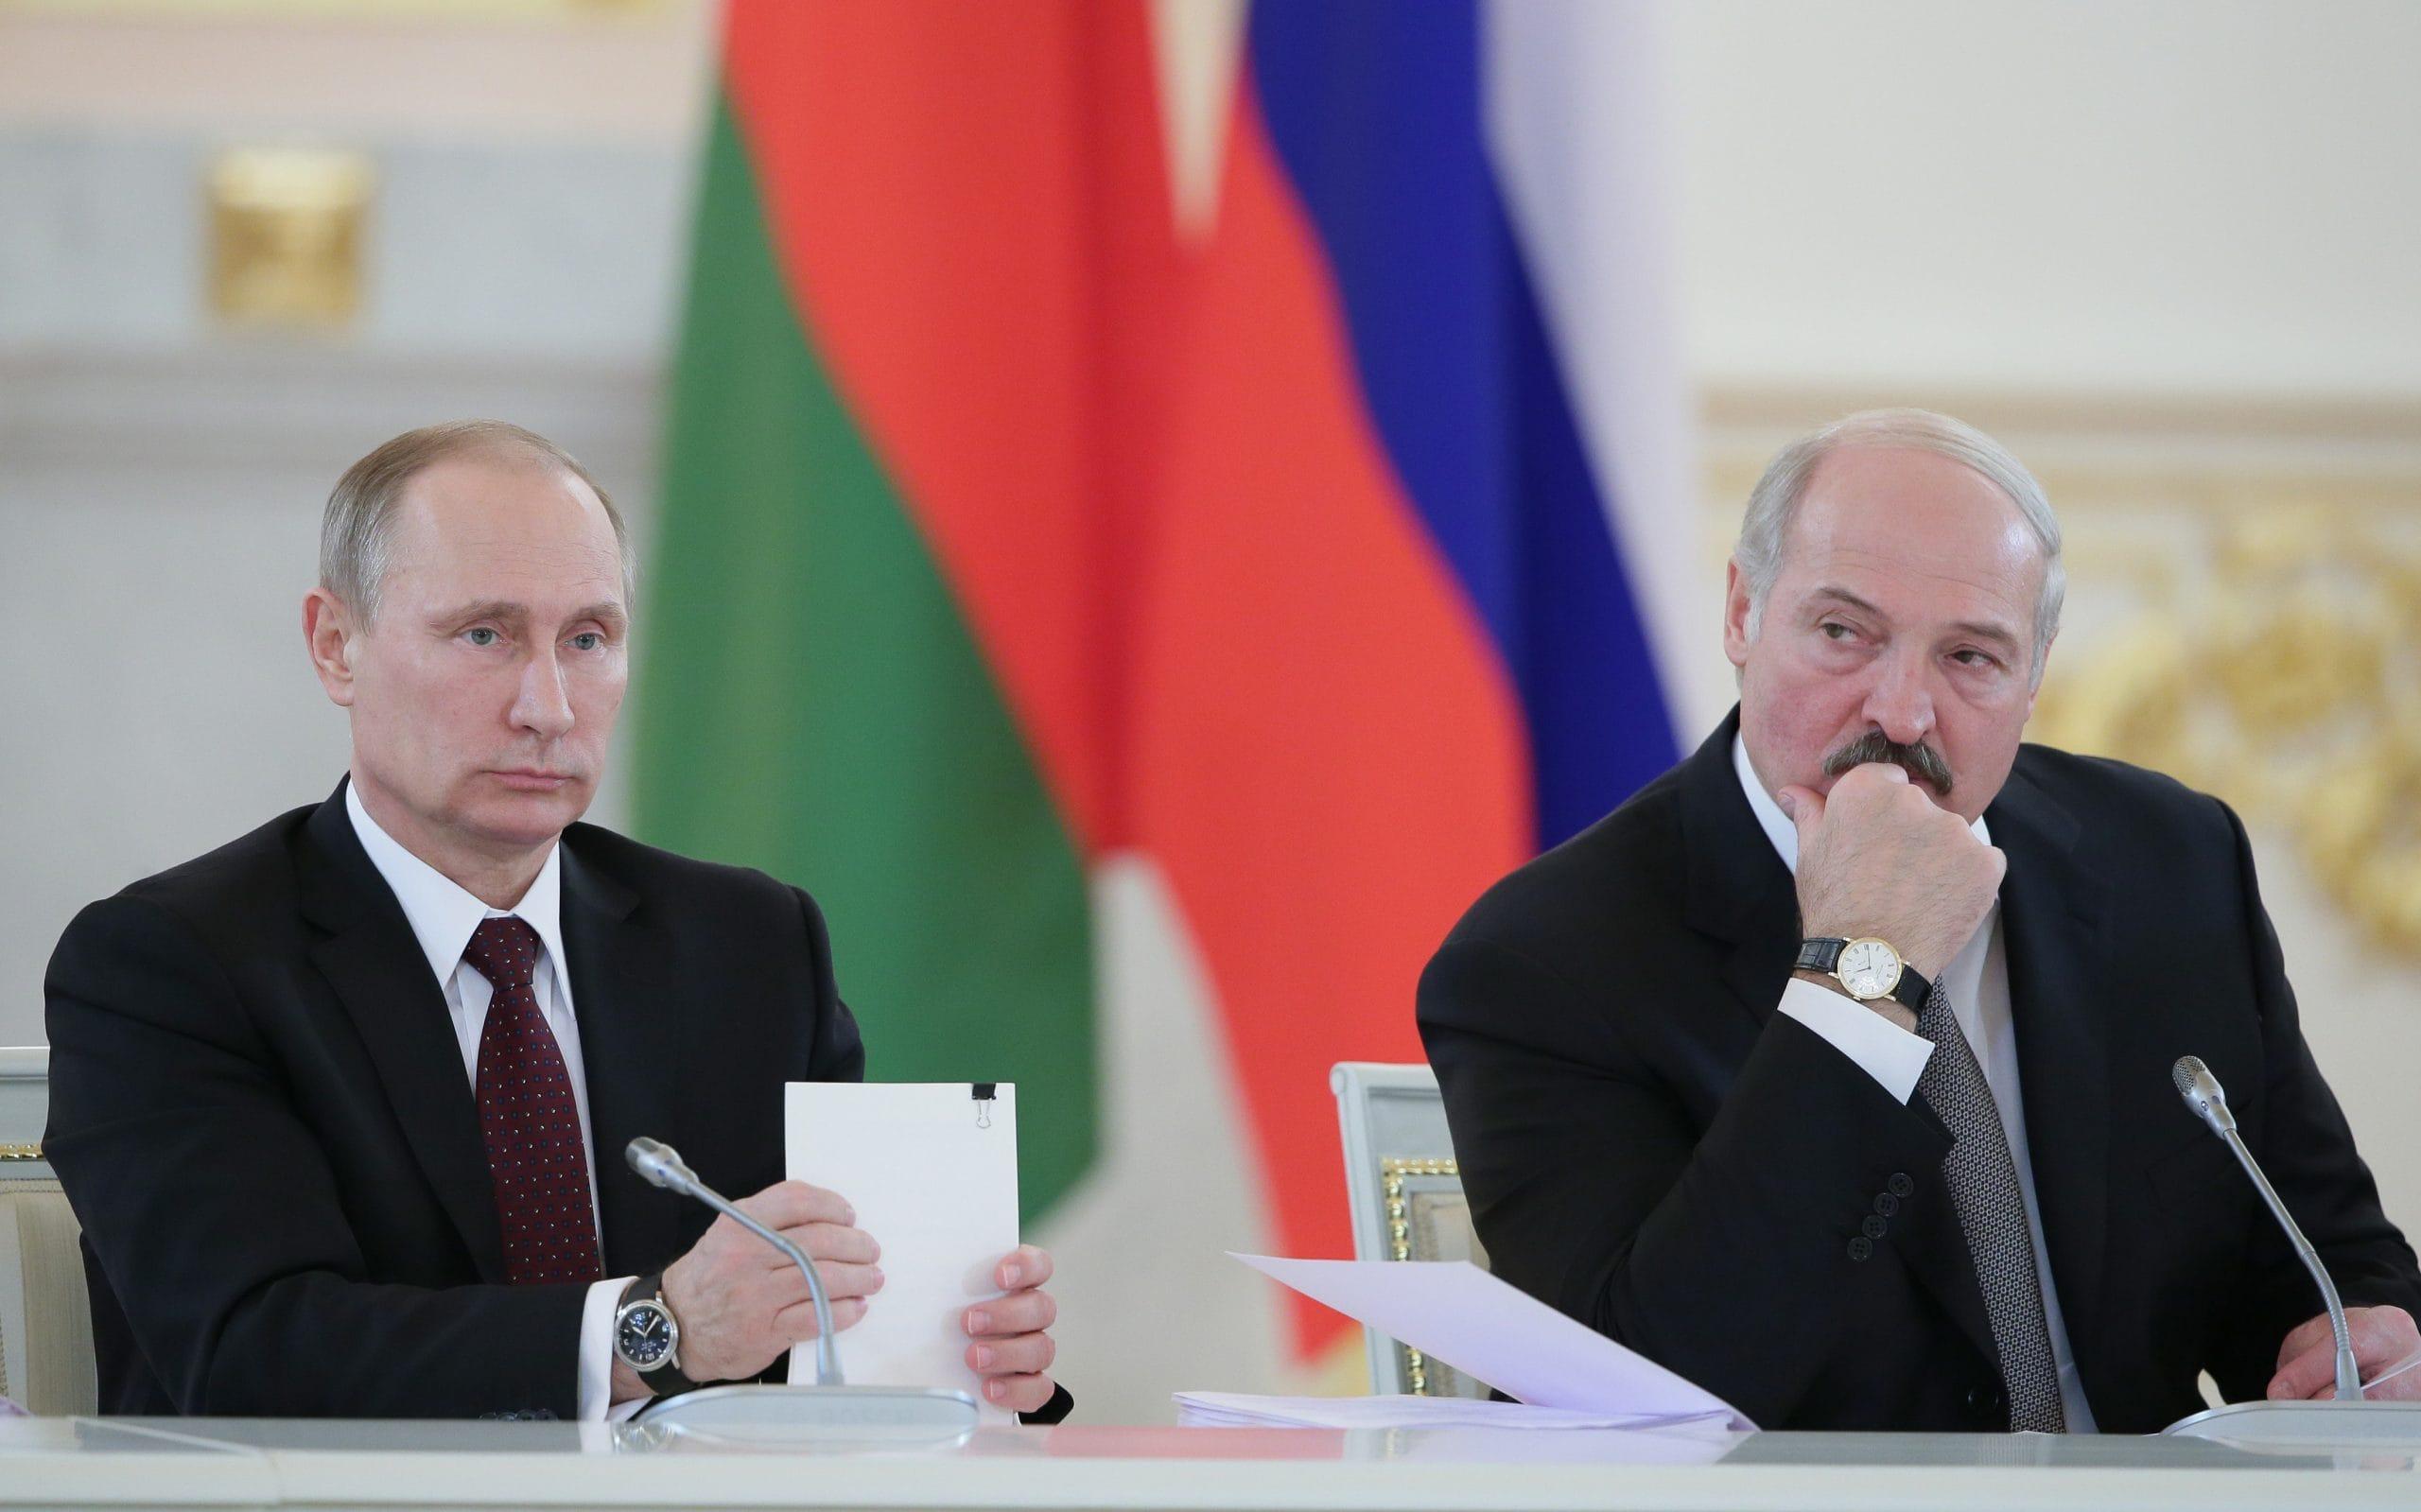 Путин предлагает не касаться газового вопроса, временно исключив его из плана развития ЕАЭС